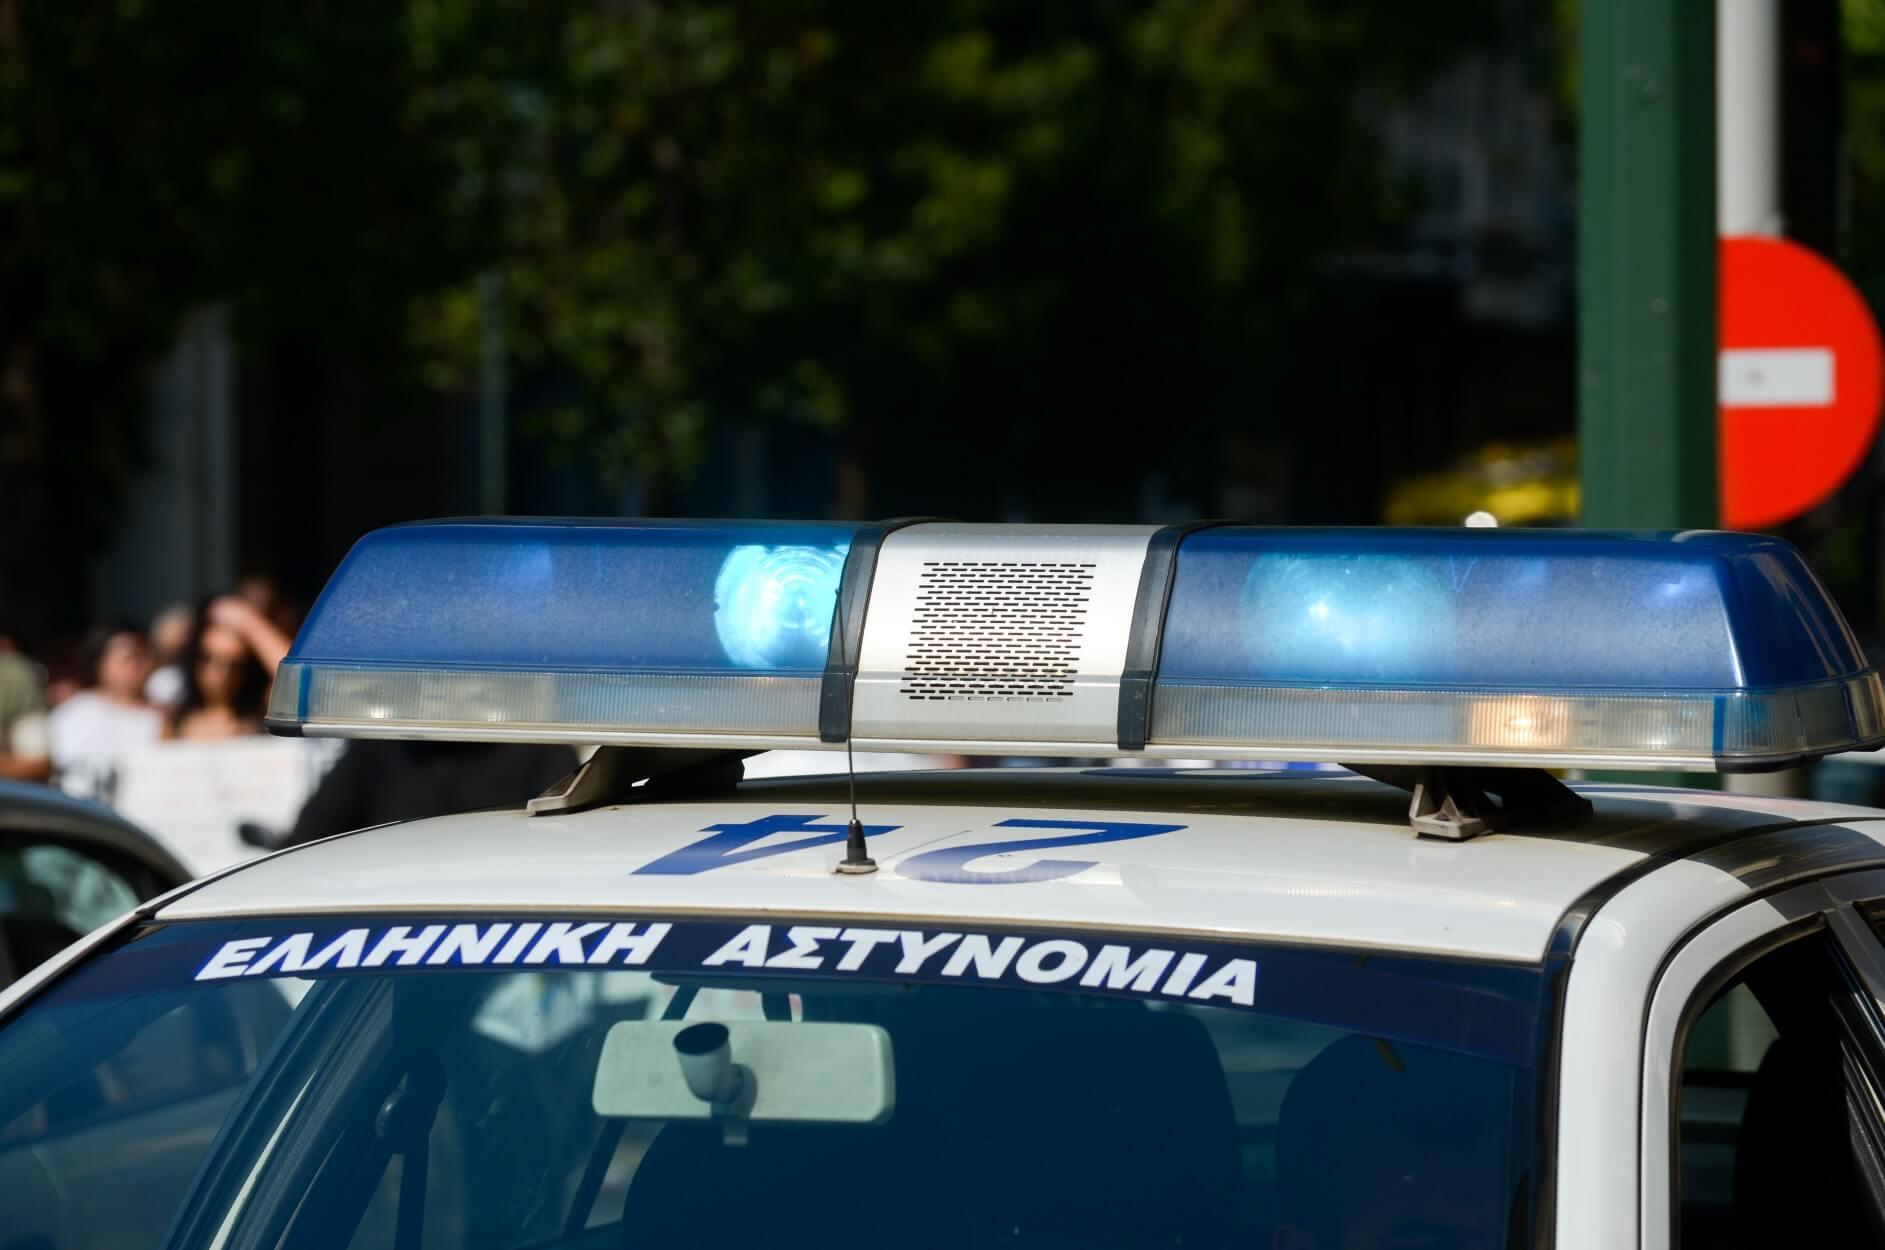 Θεσσαλονίκη: Βαρύ κατηγορητήριο για την επίθεση στον σύνδεσμο του Άρη